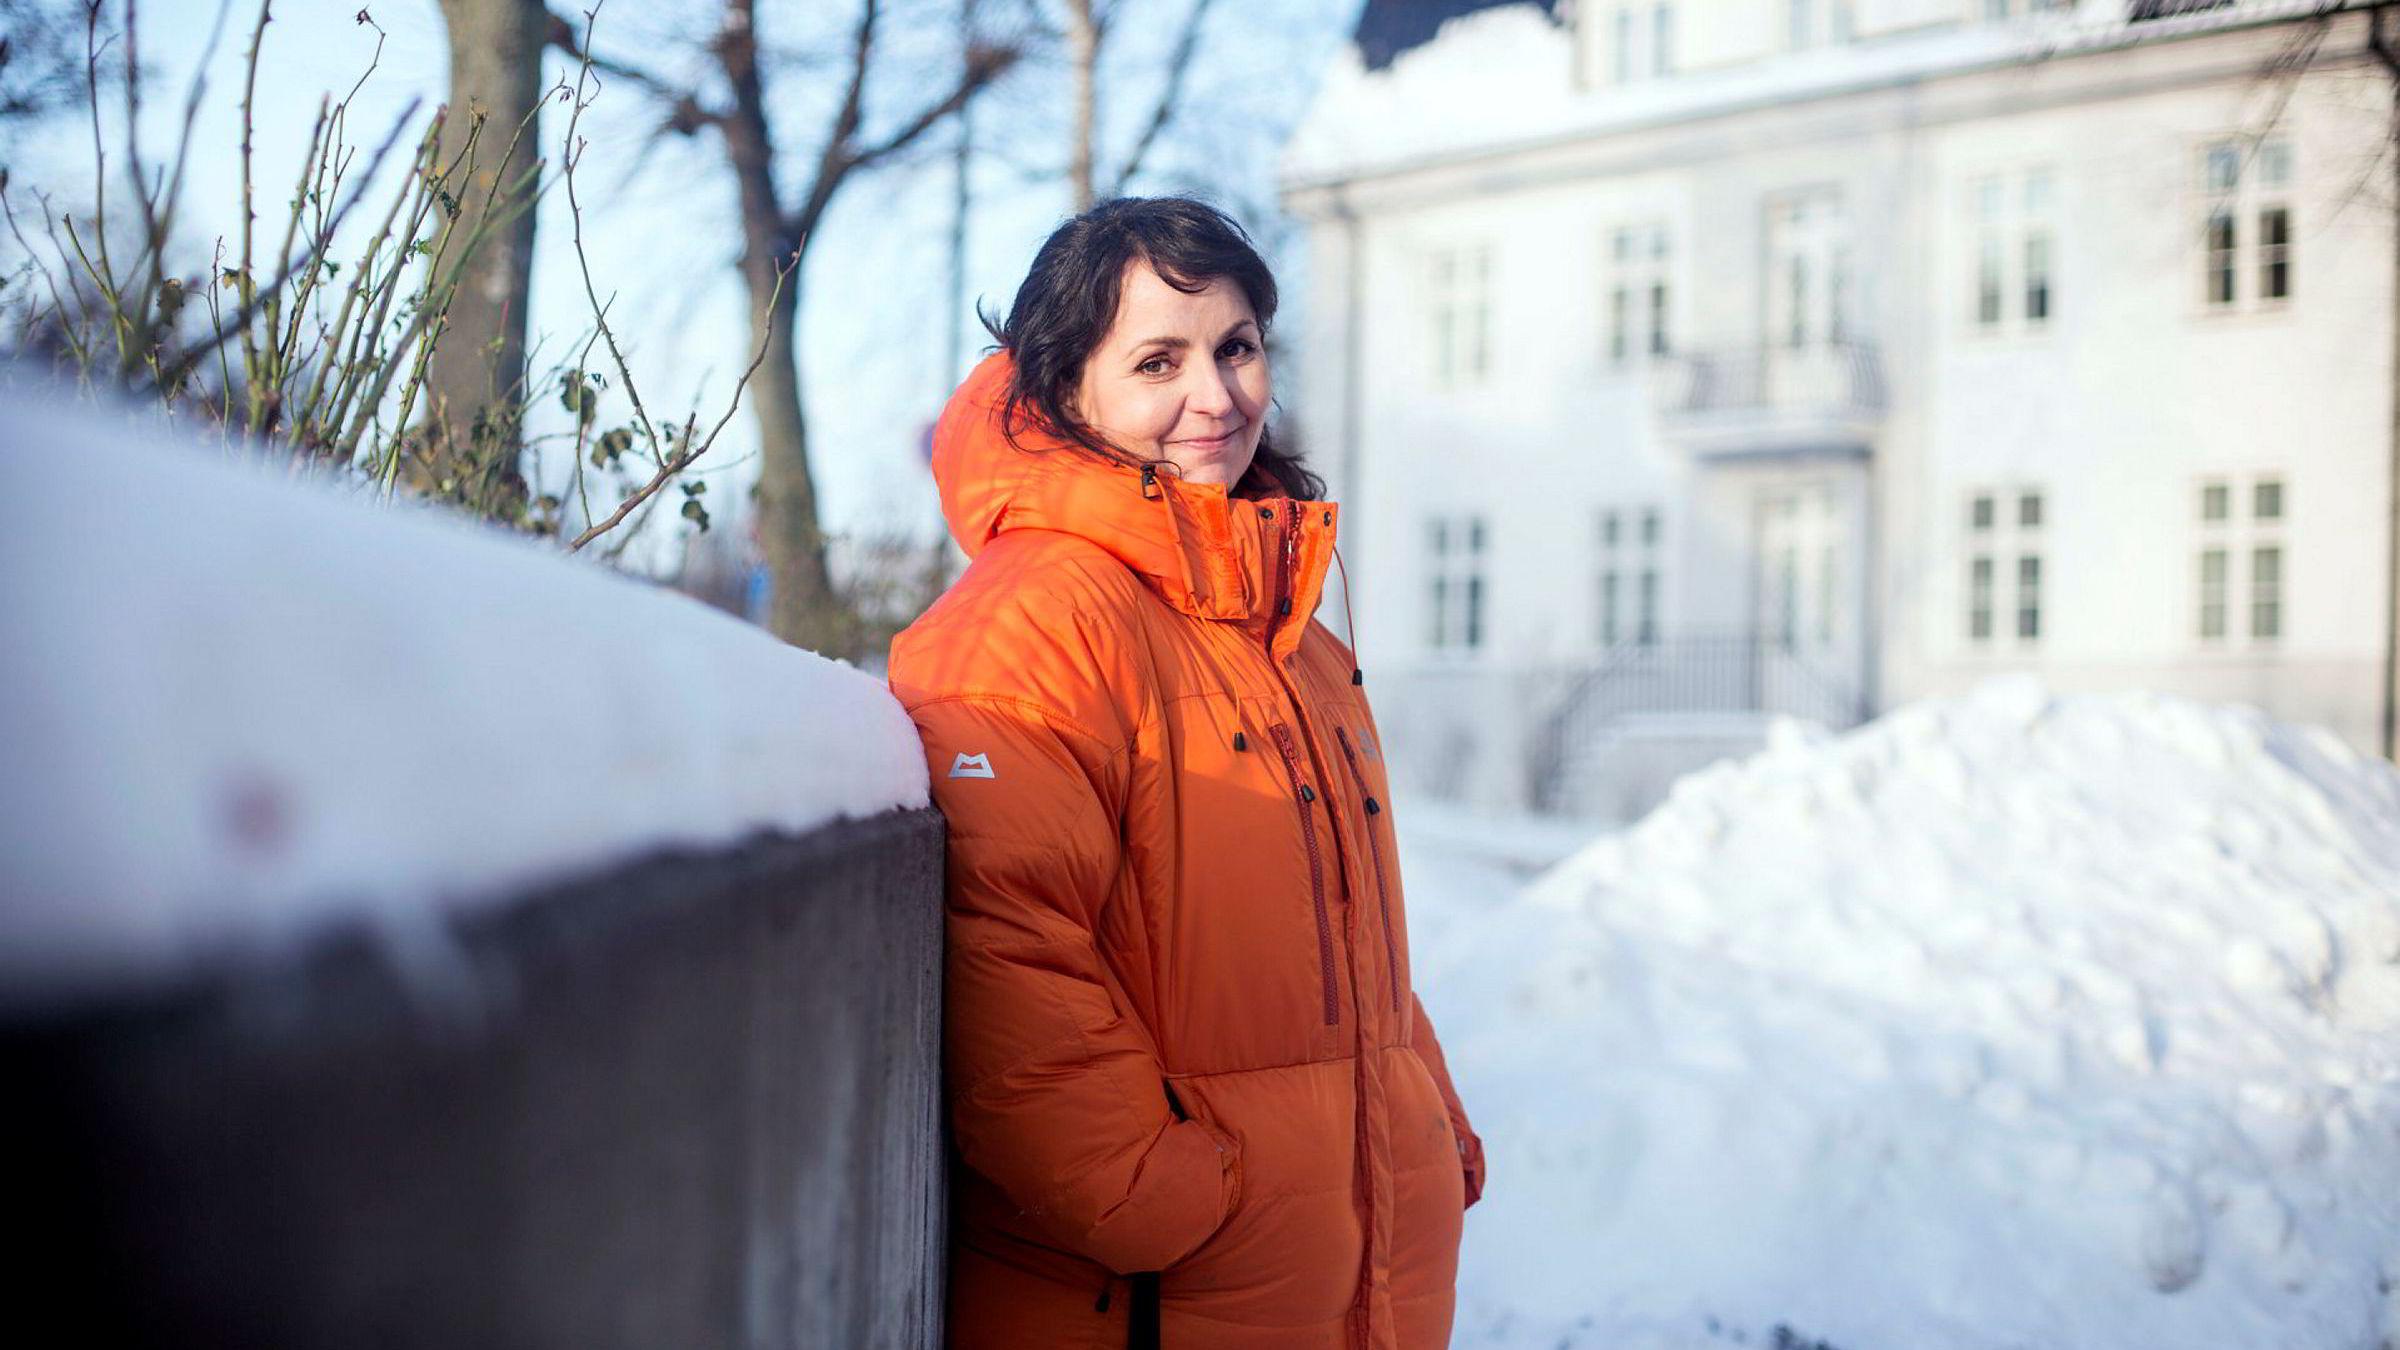 – Vi har produsert snø i mange år og de aller fleste alpinanleggene klarer å skape gode forhold i bakkene, sier generalsekretær i Alpinanleggenes Landsforening, Camilla Sylling Clausen.